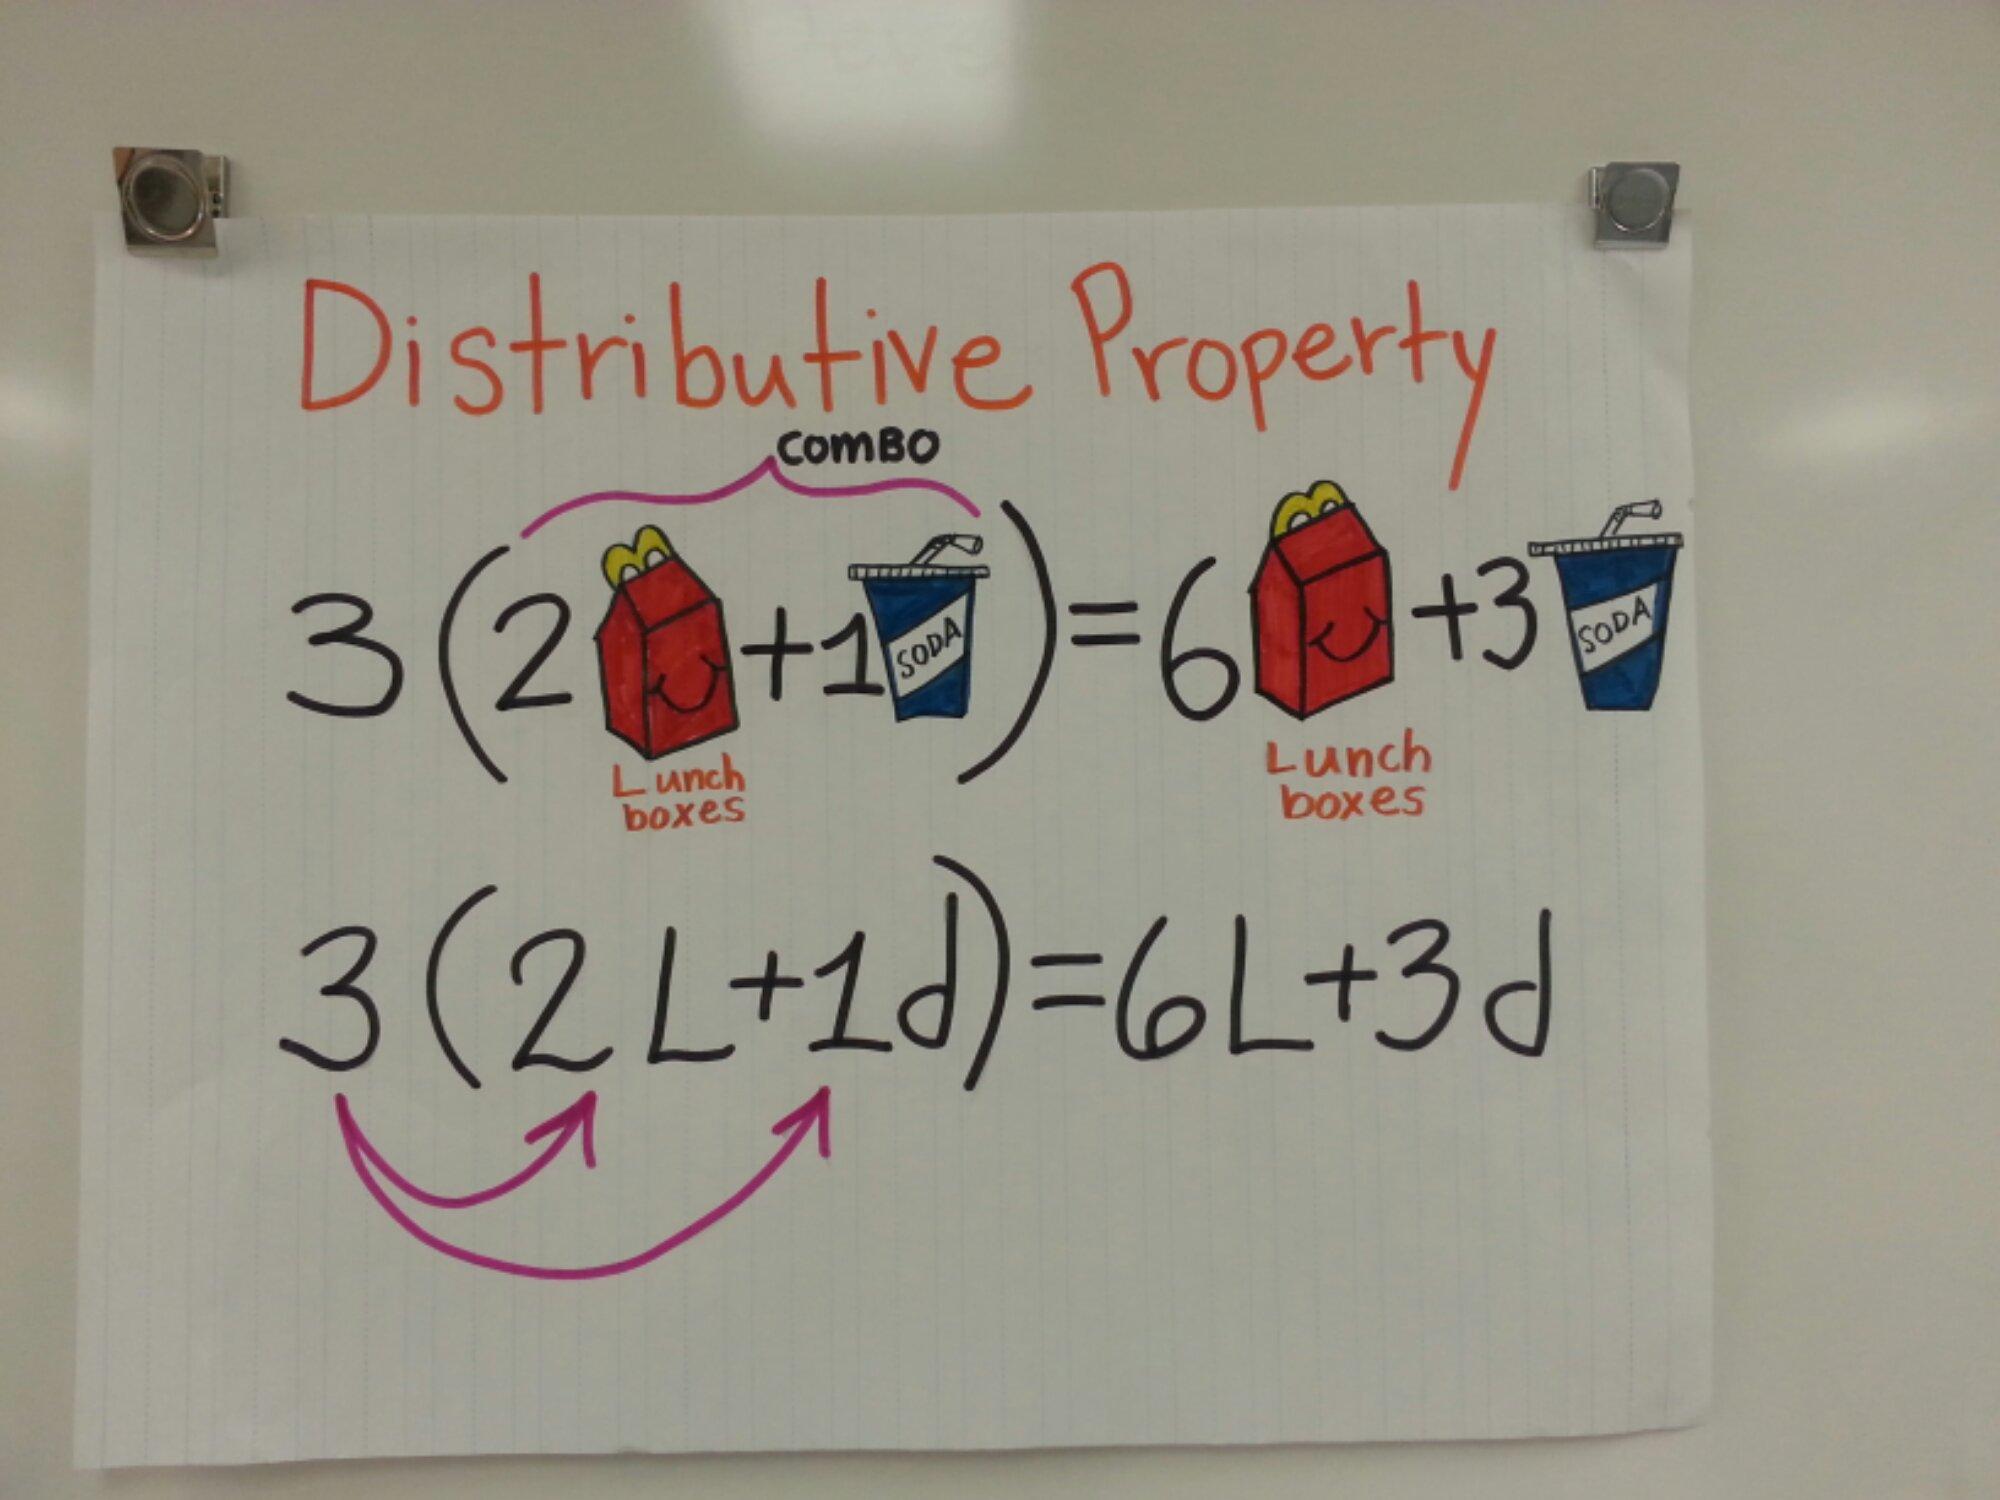 Distributive Property Mrstynunez